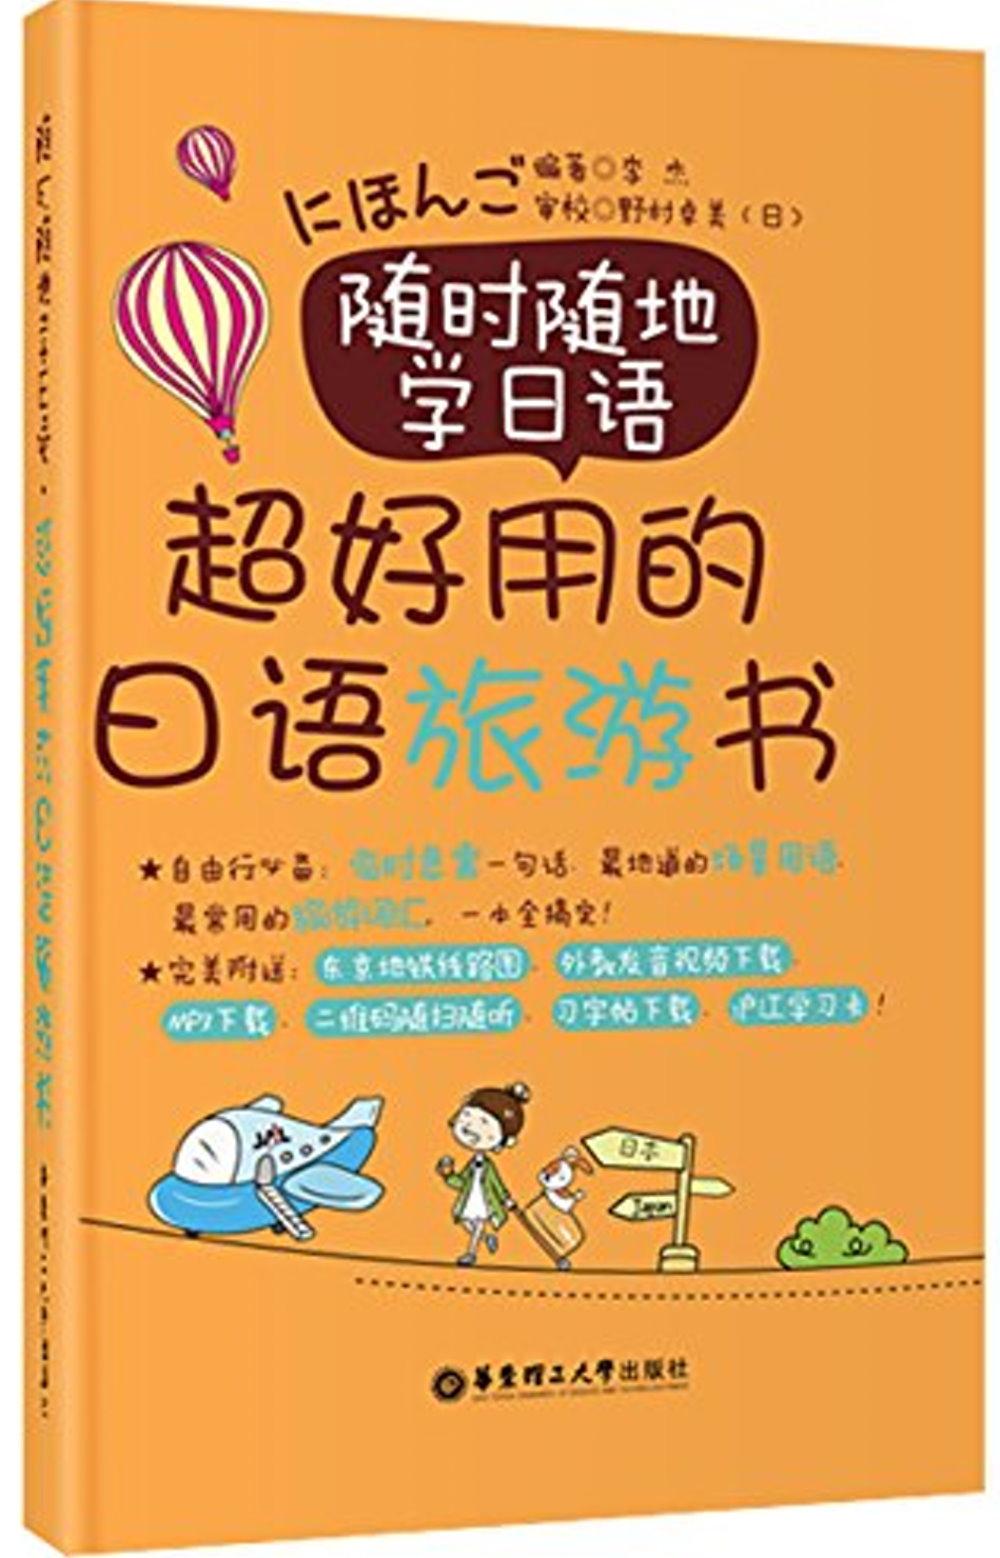 隨時隨地學日語·超 的日語旅游書